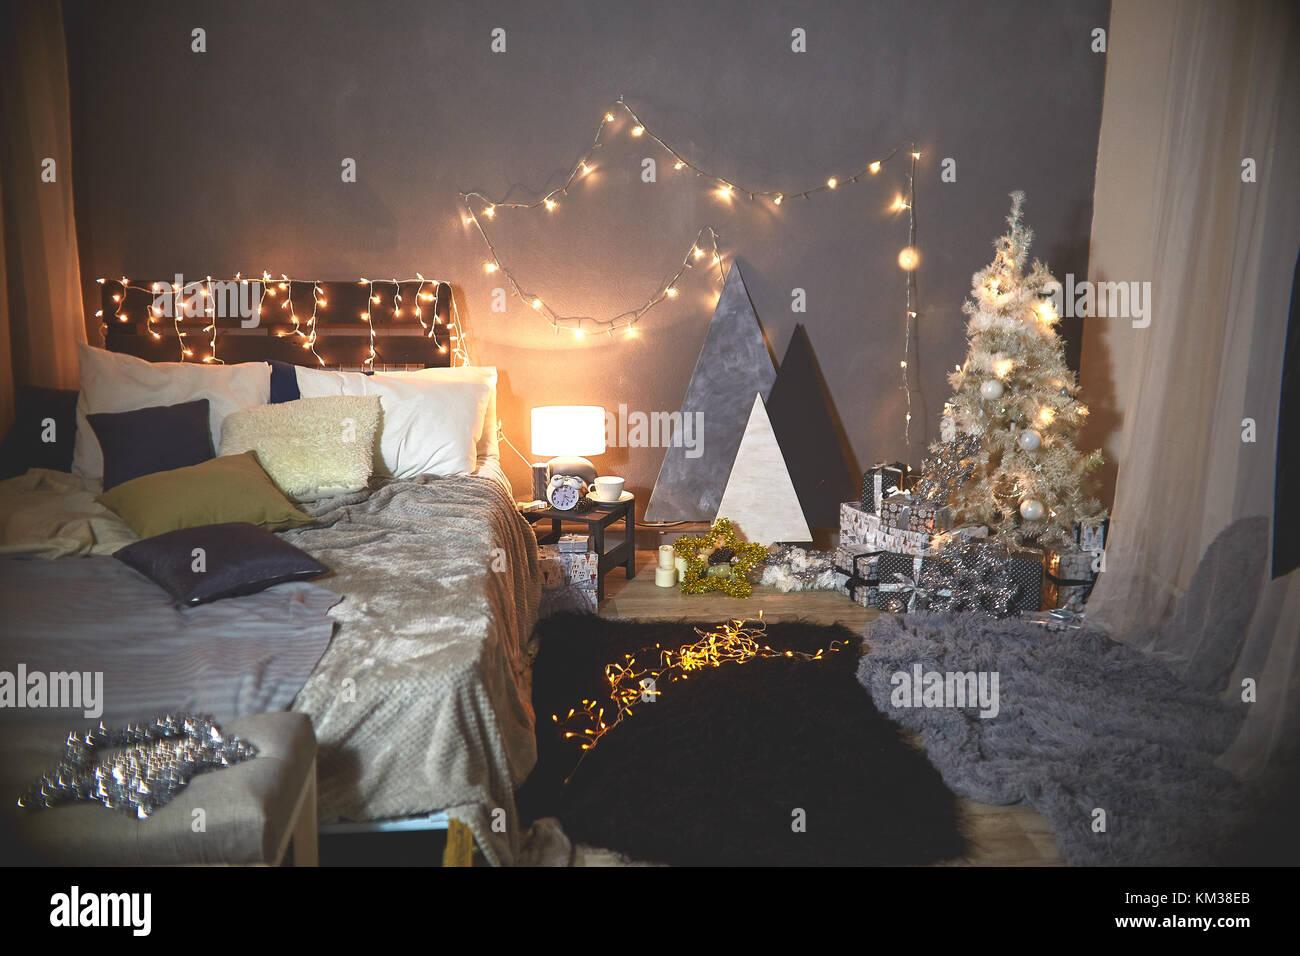 Weihnachtsbaum in Rosa shabby chic Style an der weißen Mauer ...